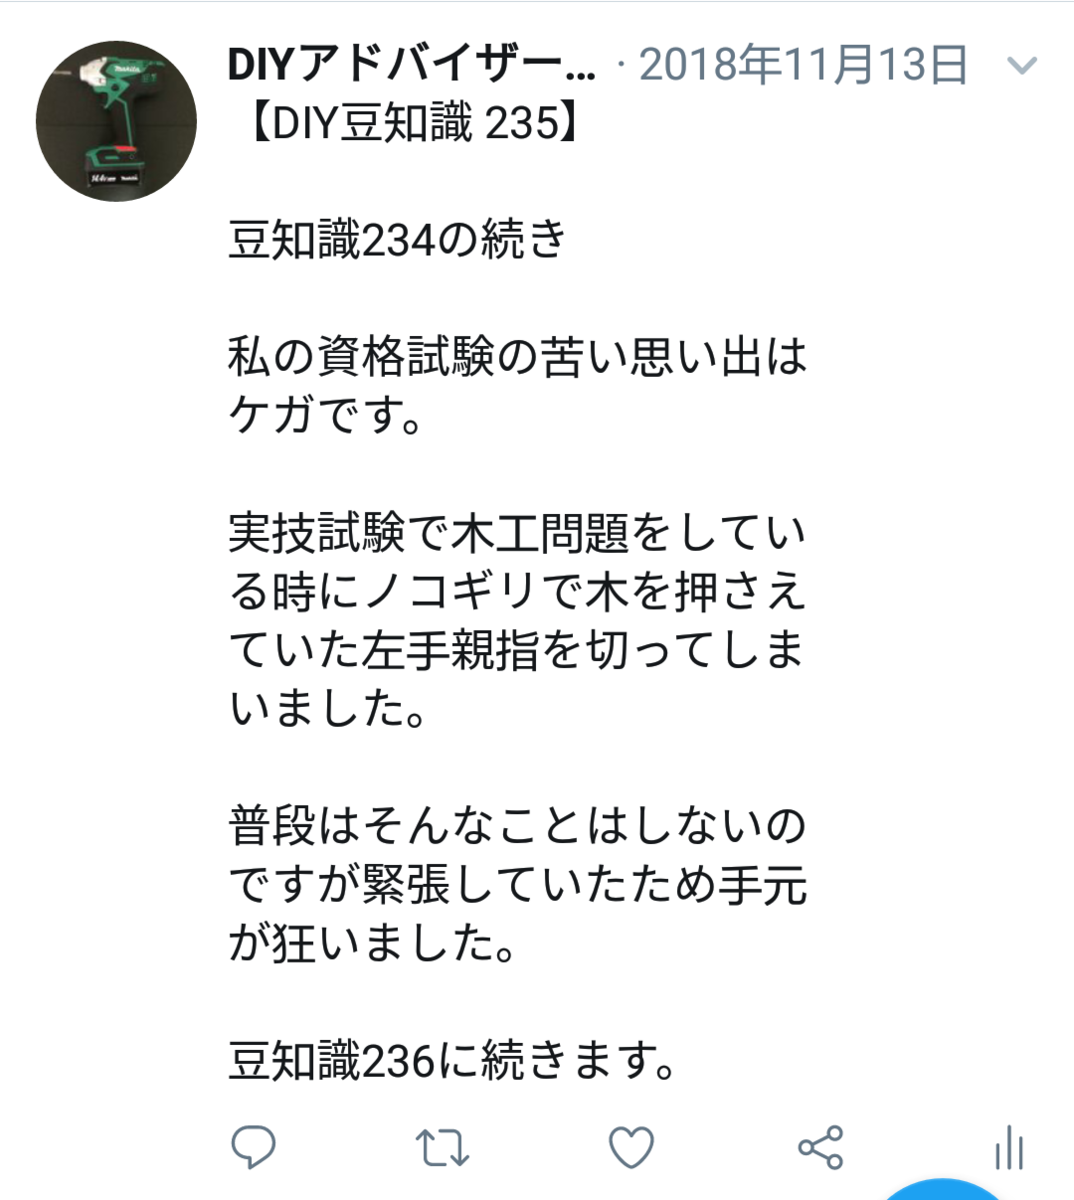 f:id:DIY33:20190408204535p:plain